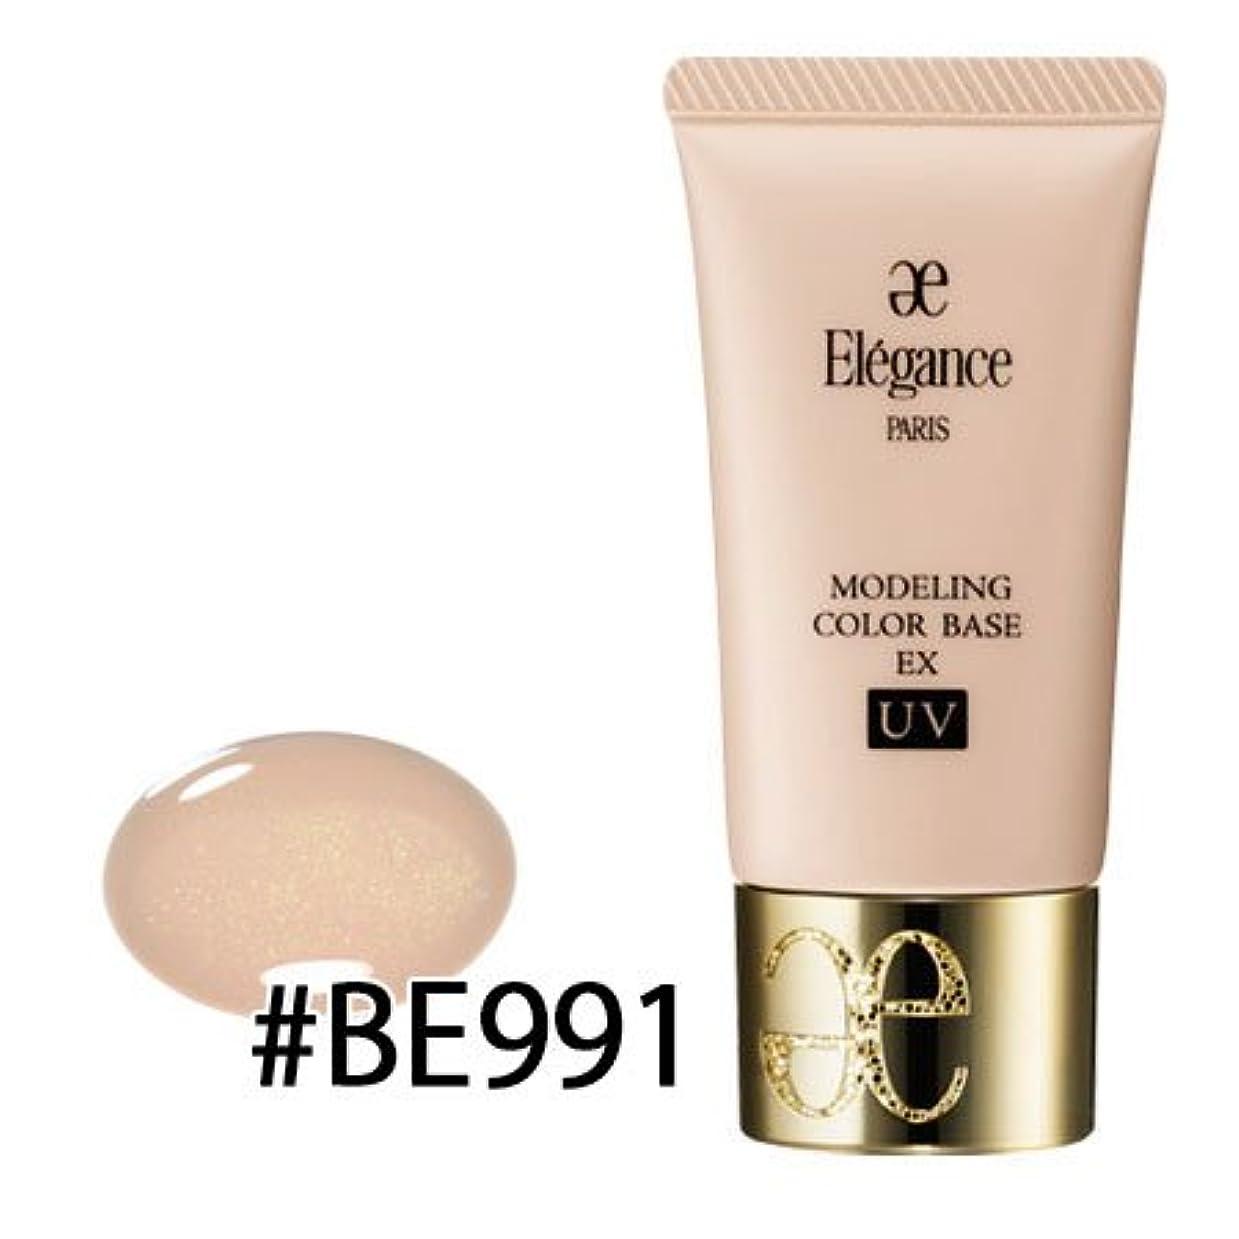 堤防差別するランダムエレガンス モデリング カラーベース EX UV #BE991